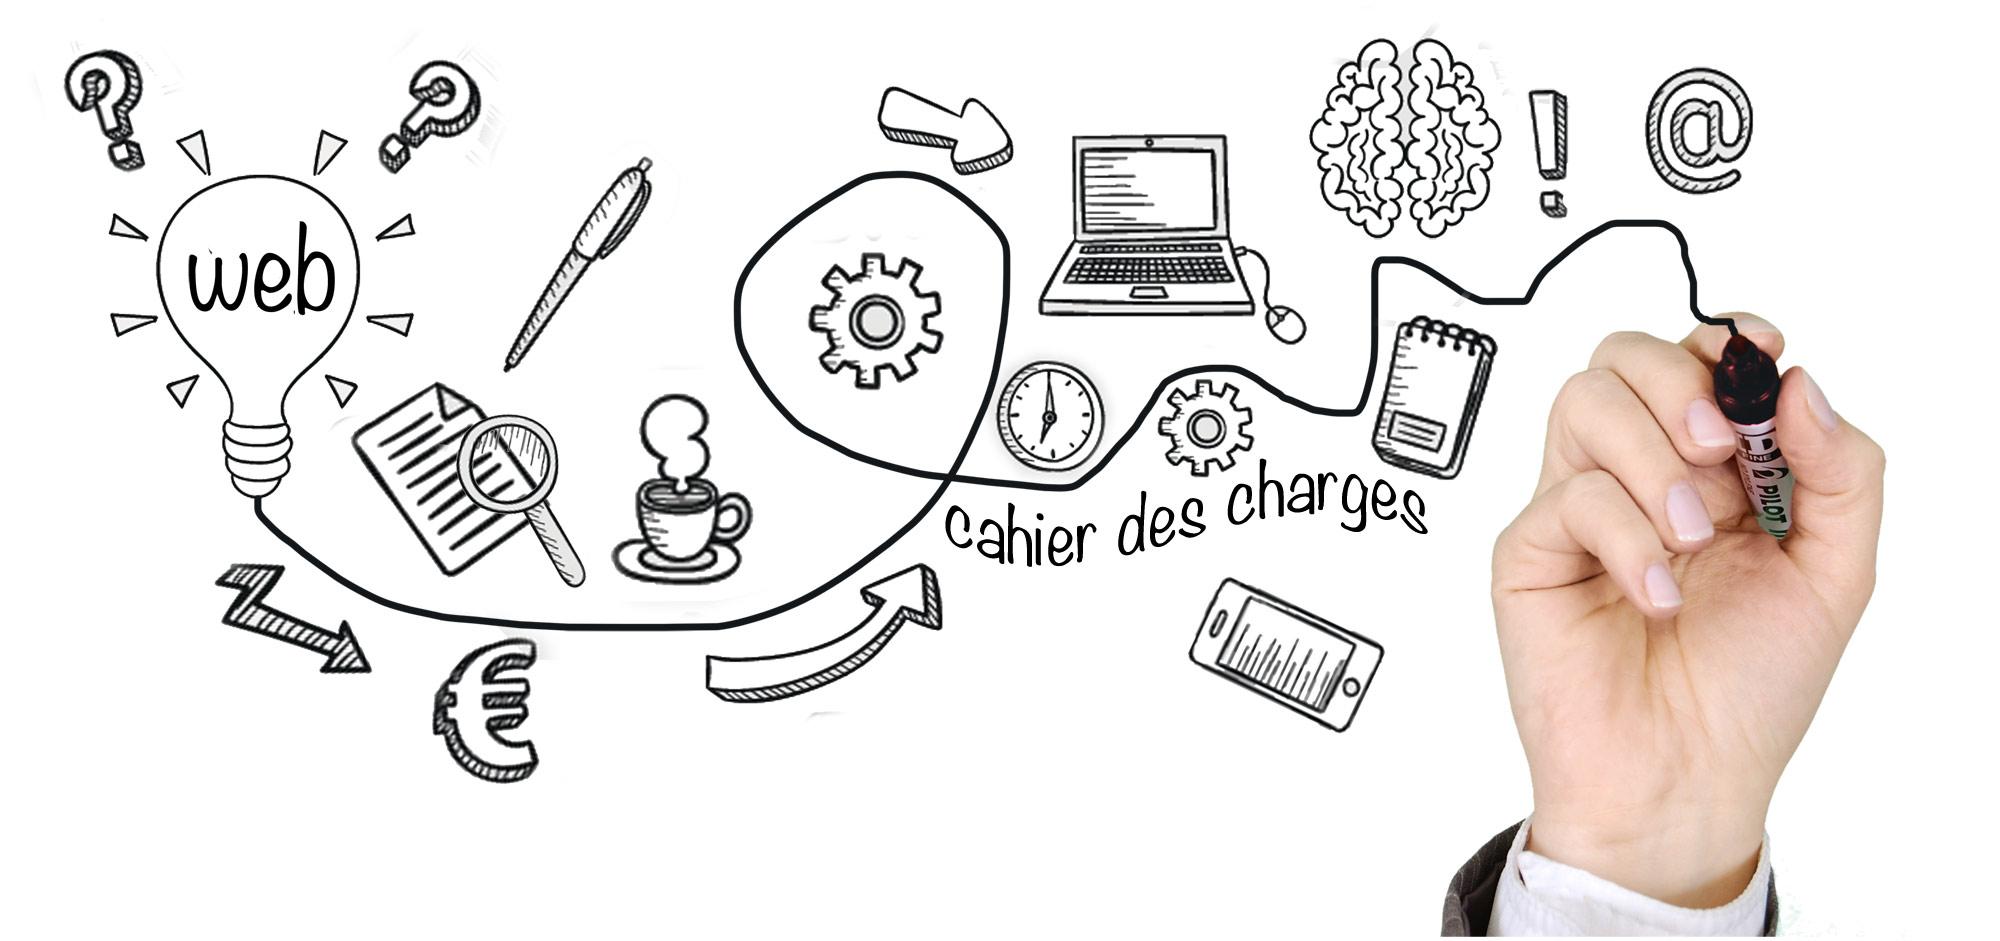 Site web : 10 conseils pour rédiger son cahier des charges